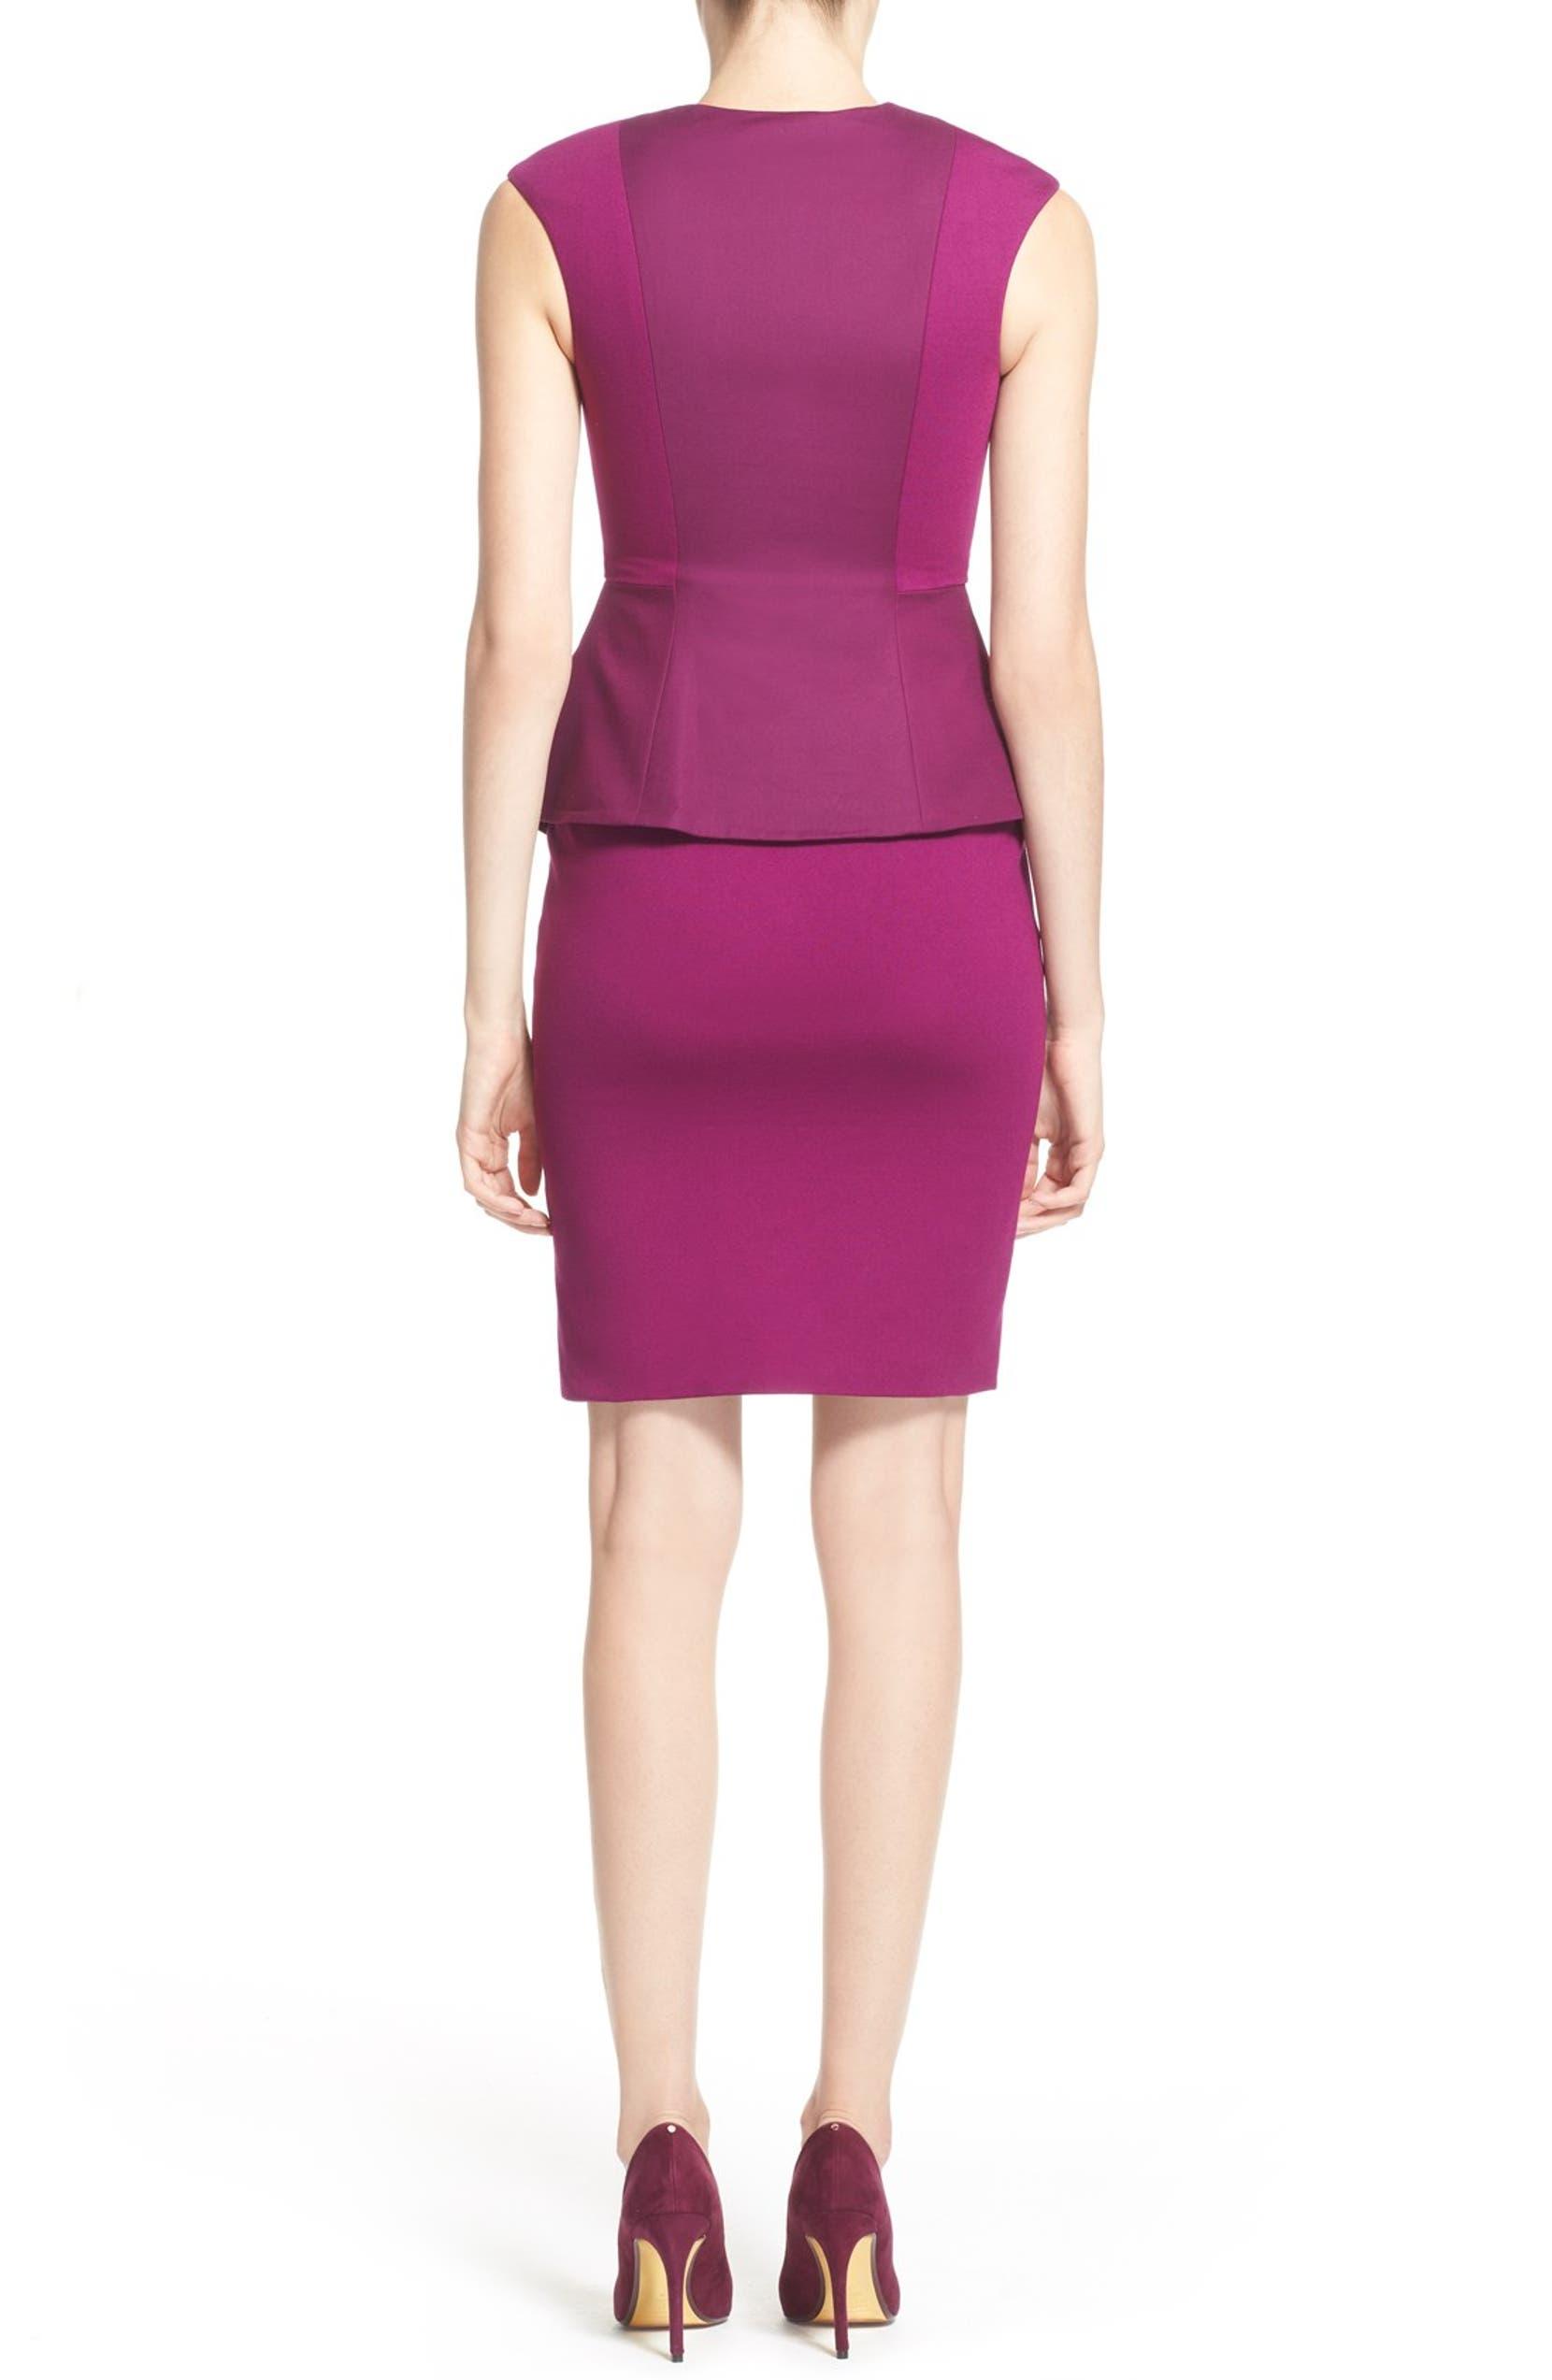 4a91e8a66 Ted Baker London  Jamthun  Structured Peplum Cotton Blend Sheath Dress